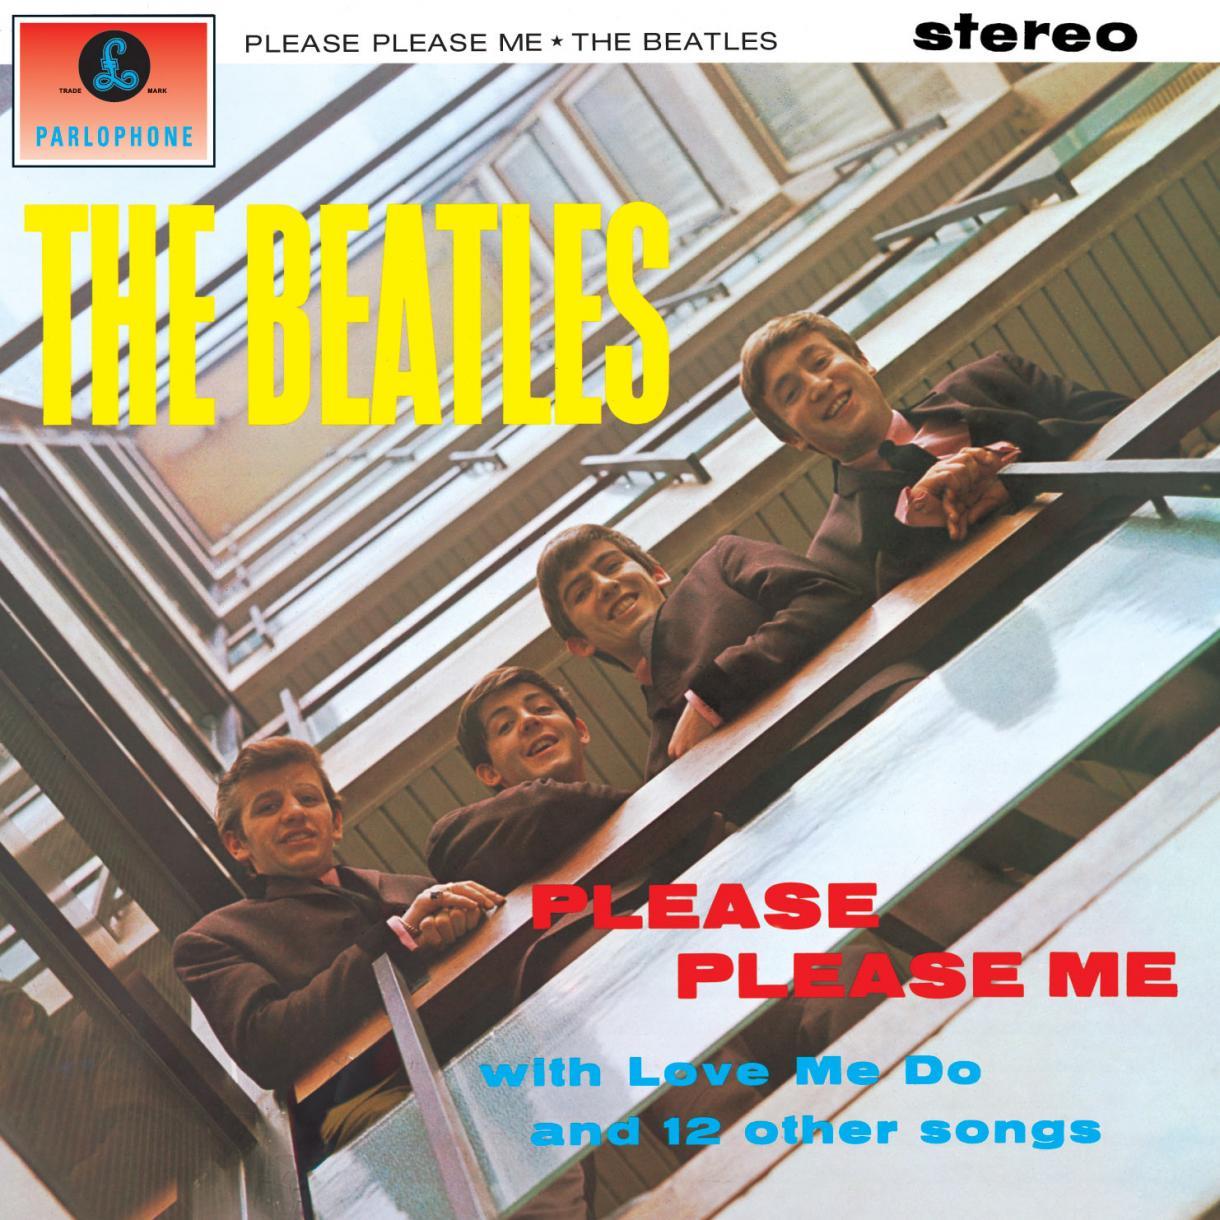 Please_please_me.jpg